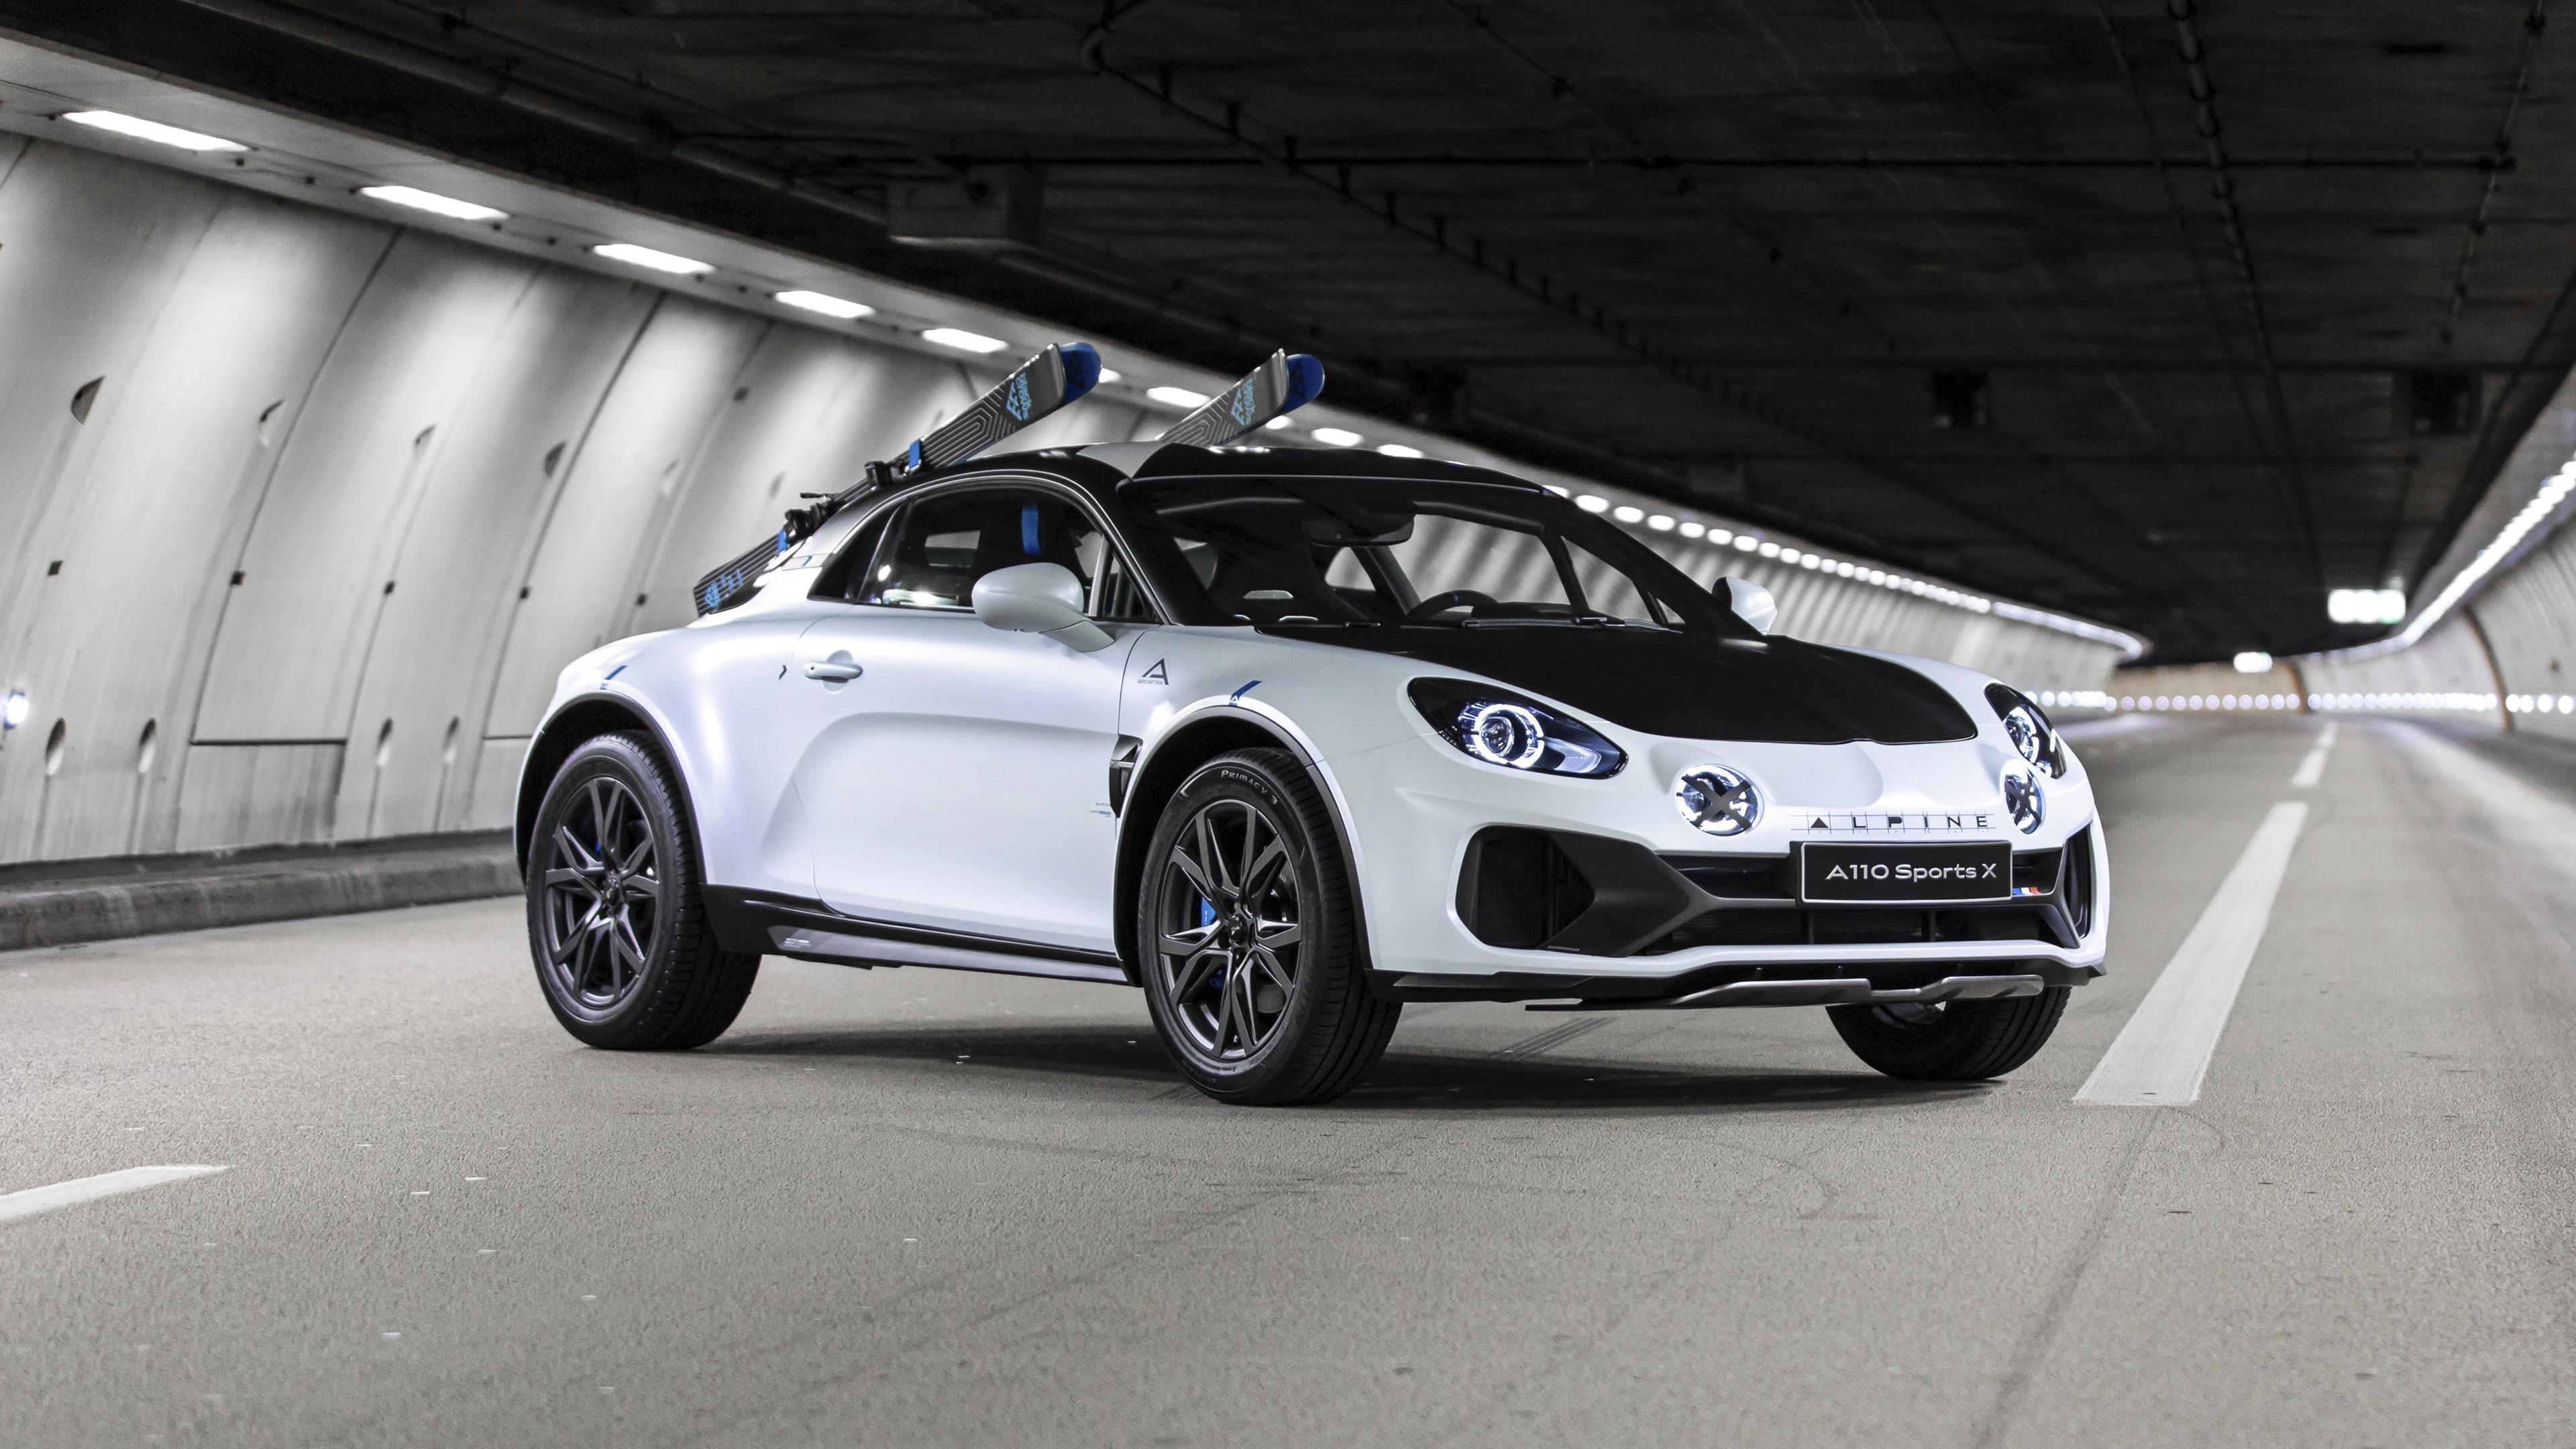 Alpine a110 sports 2020 обои скачать